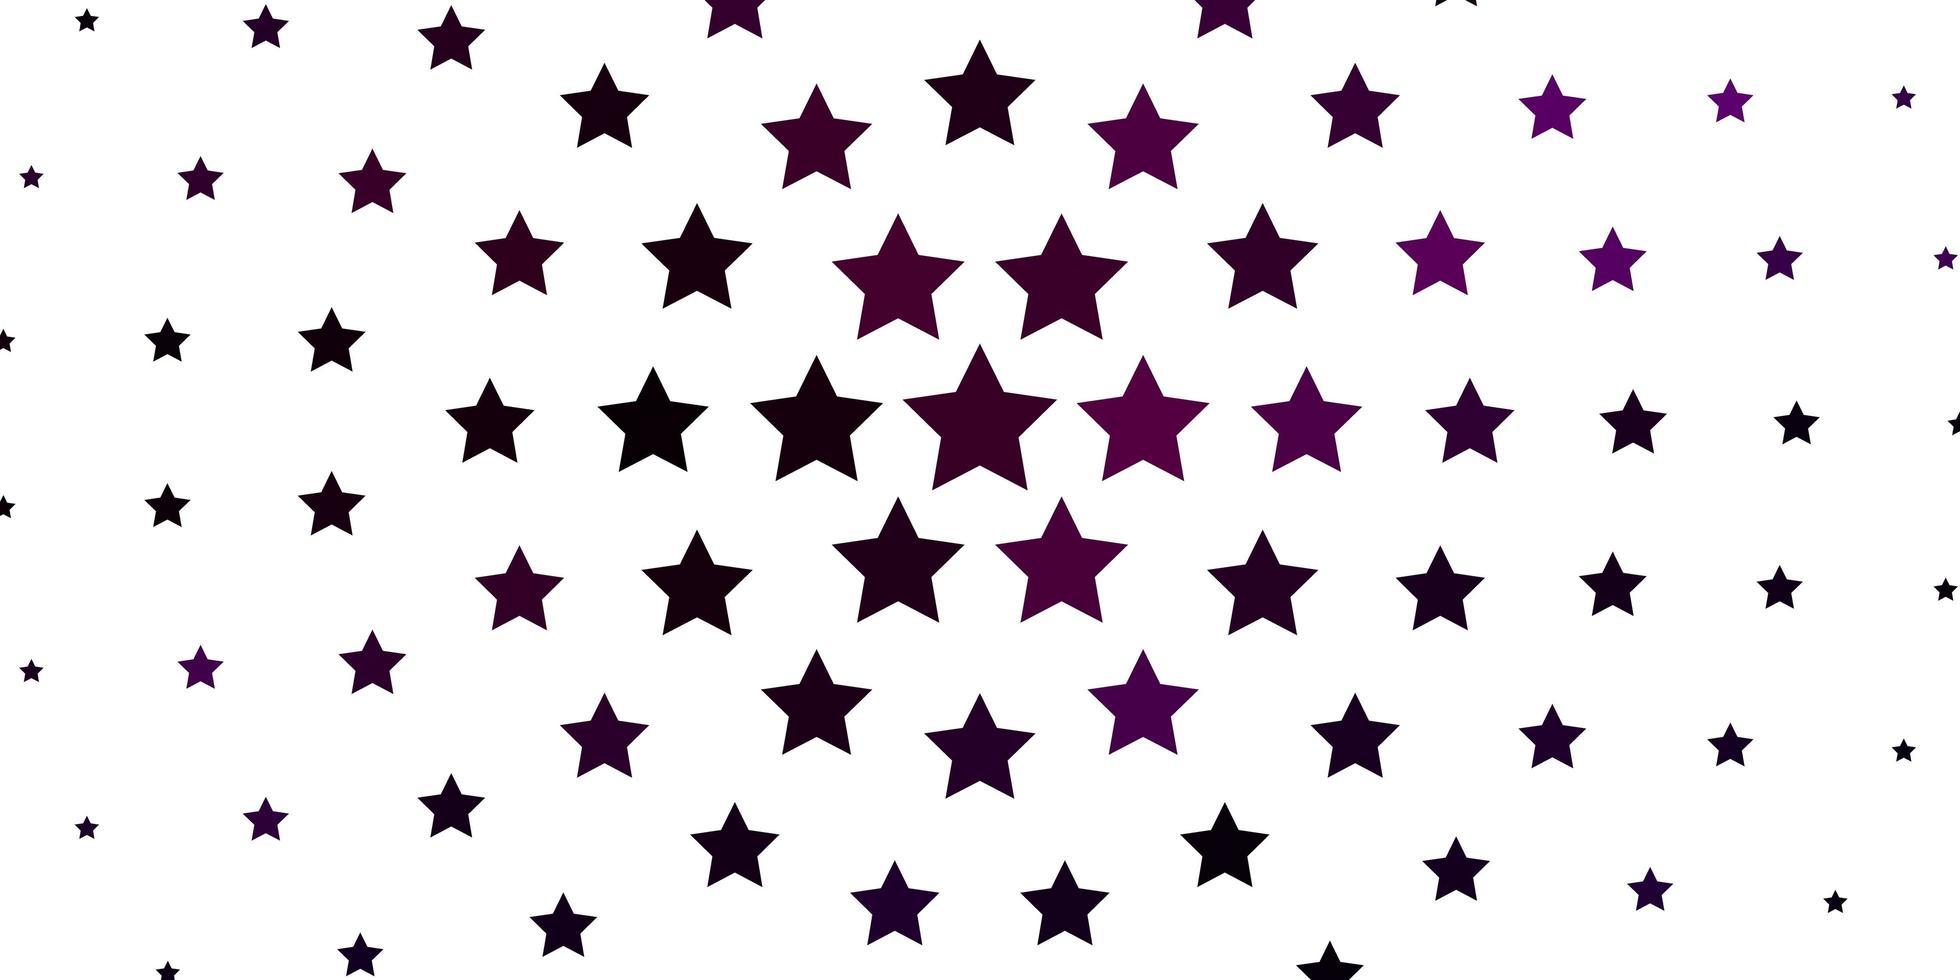 dunkles Muster mit abstrakten Sternen. vektor